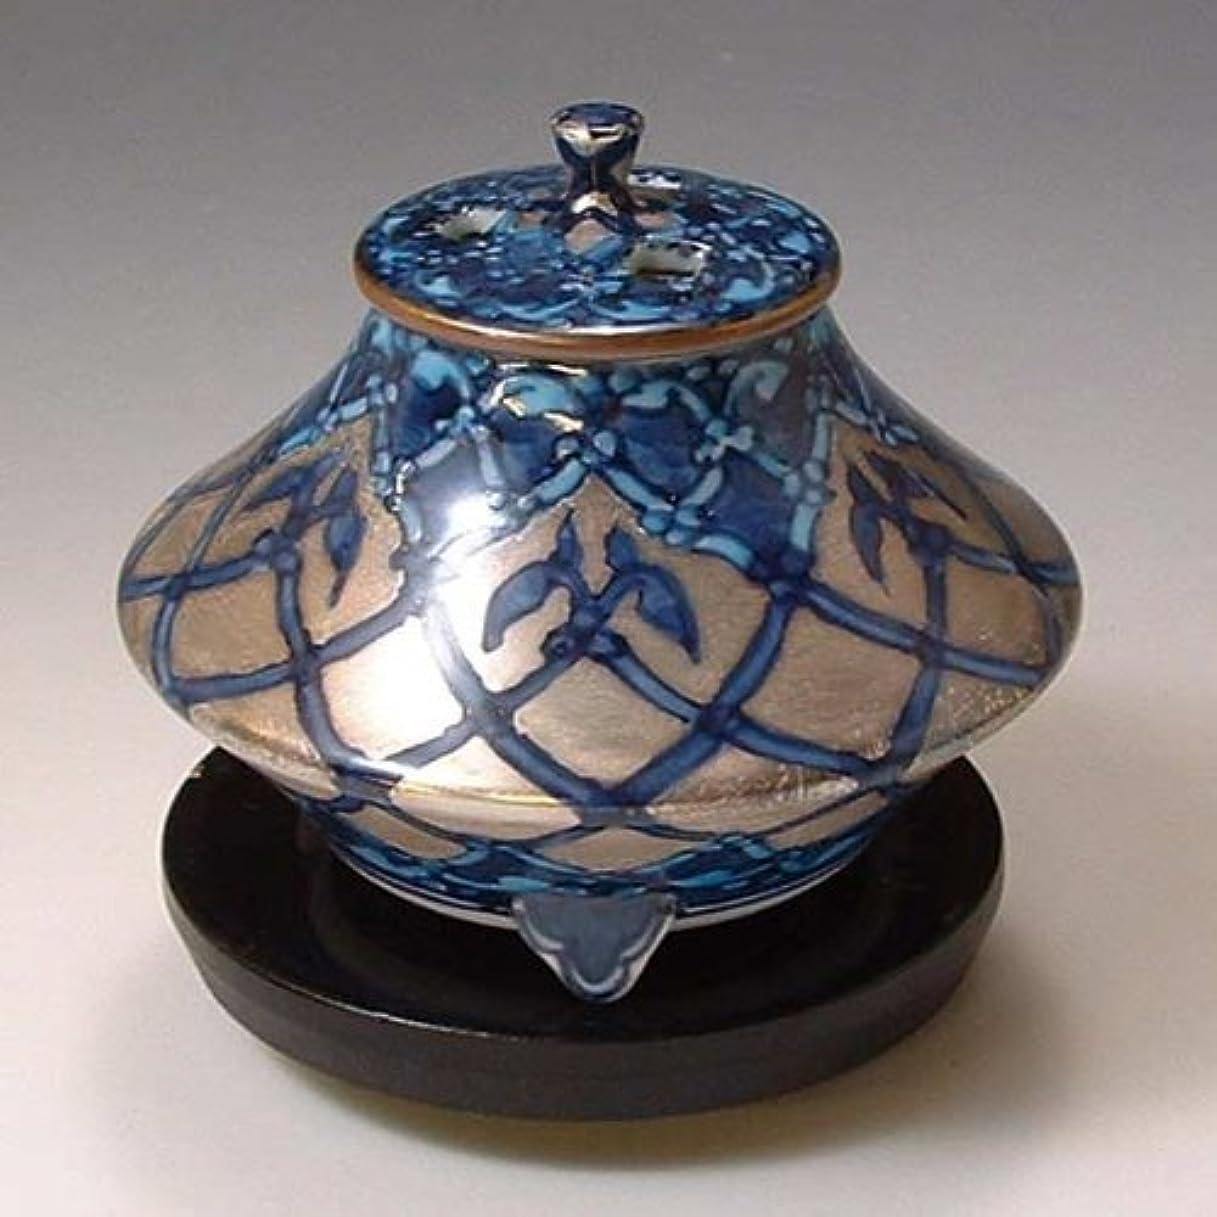 決済スタイル休眠京焼 清水焼 香炉(黒台付) 銀モスク ぎんもすく YKY110